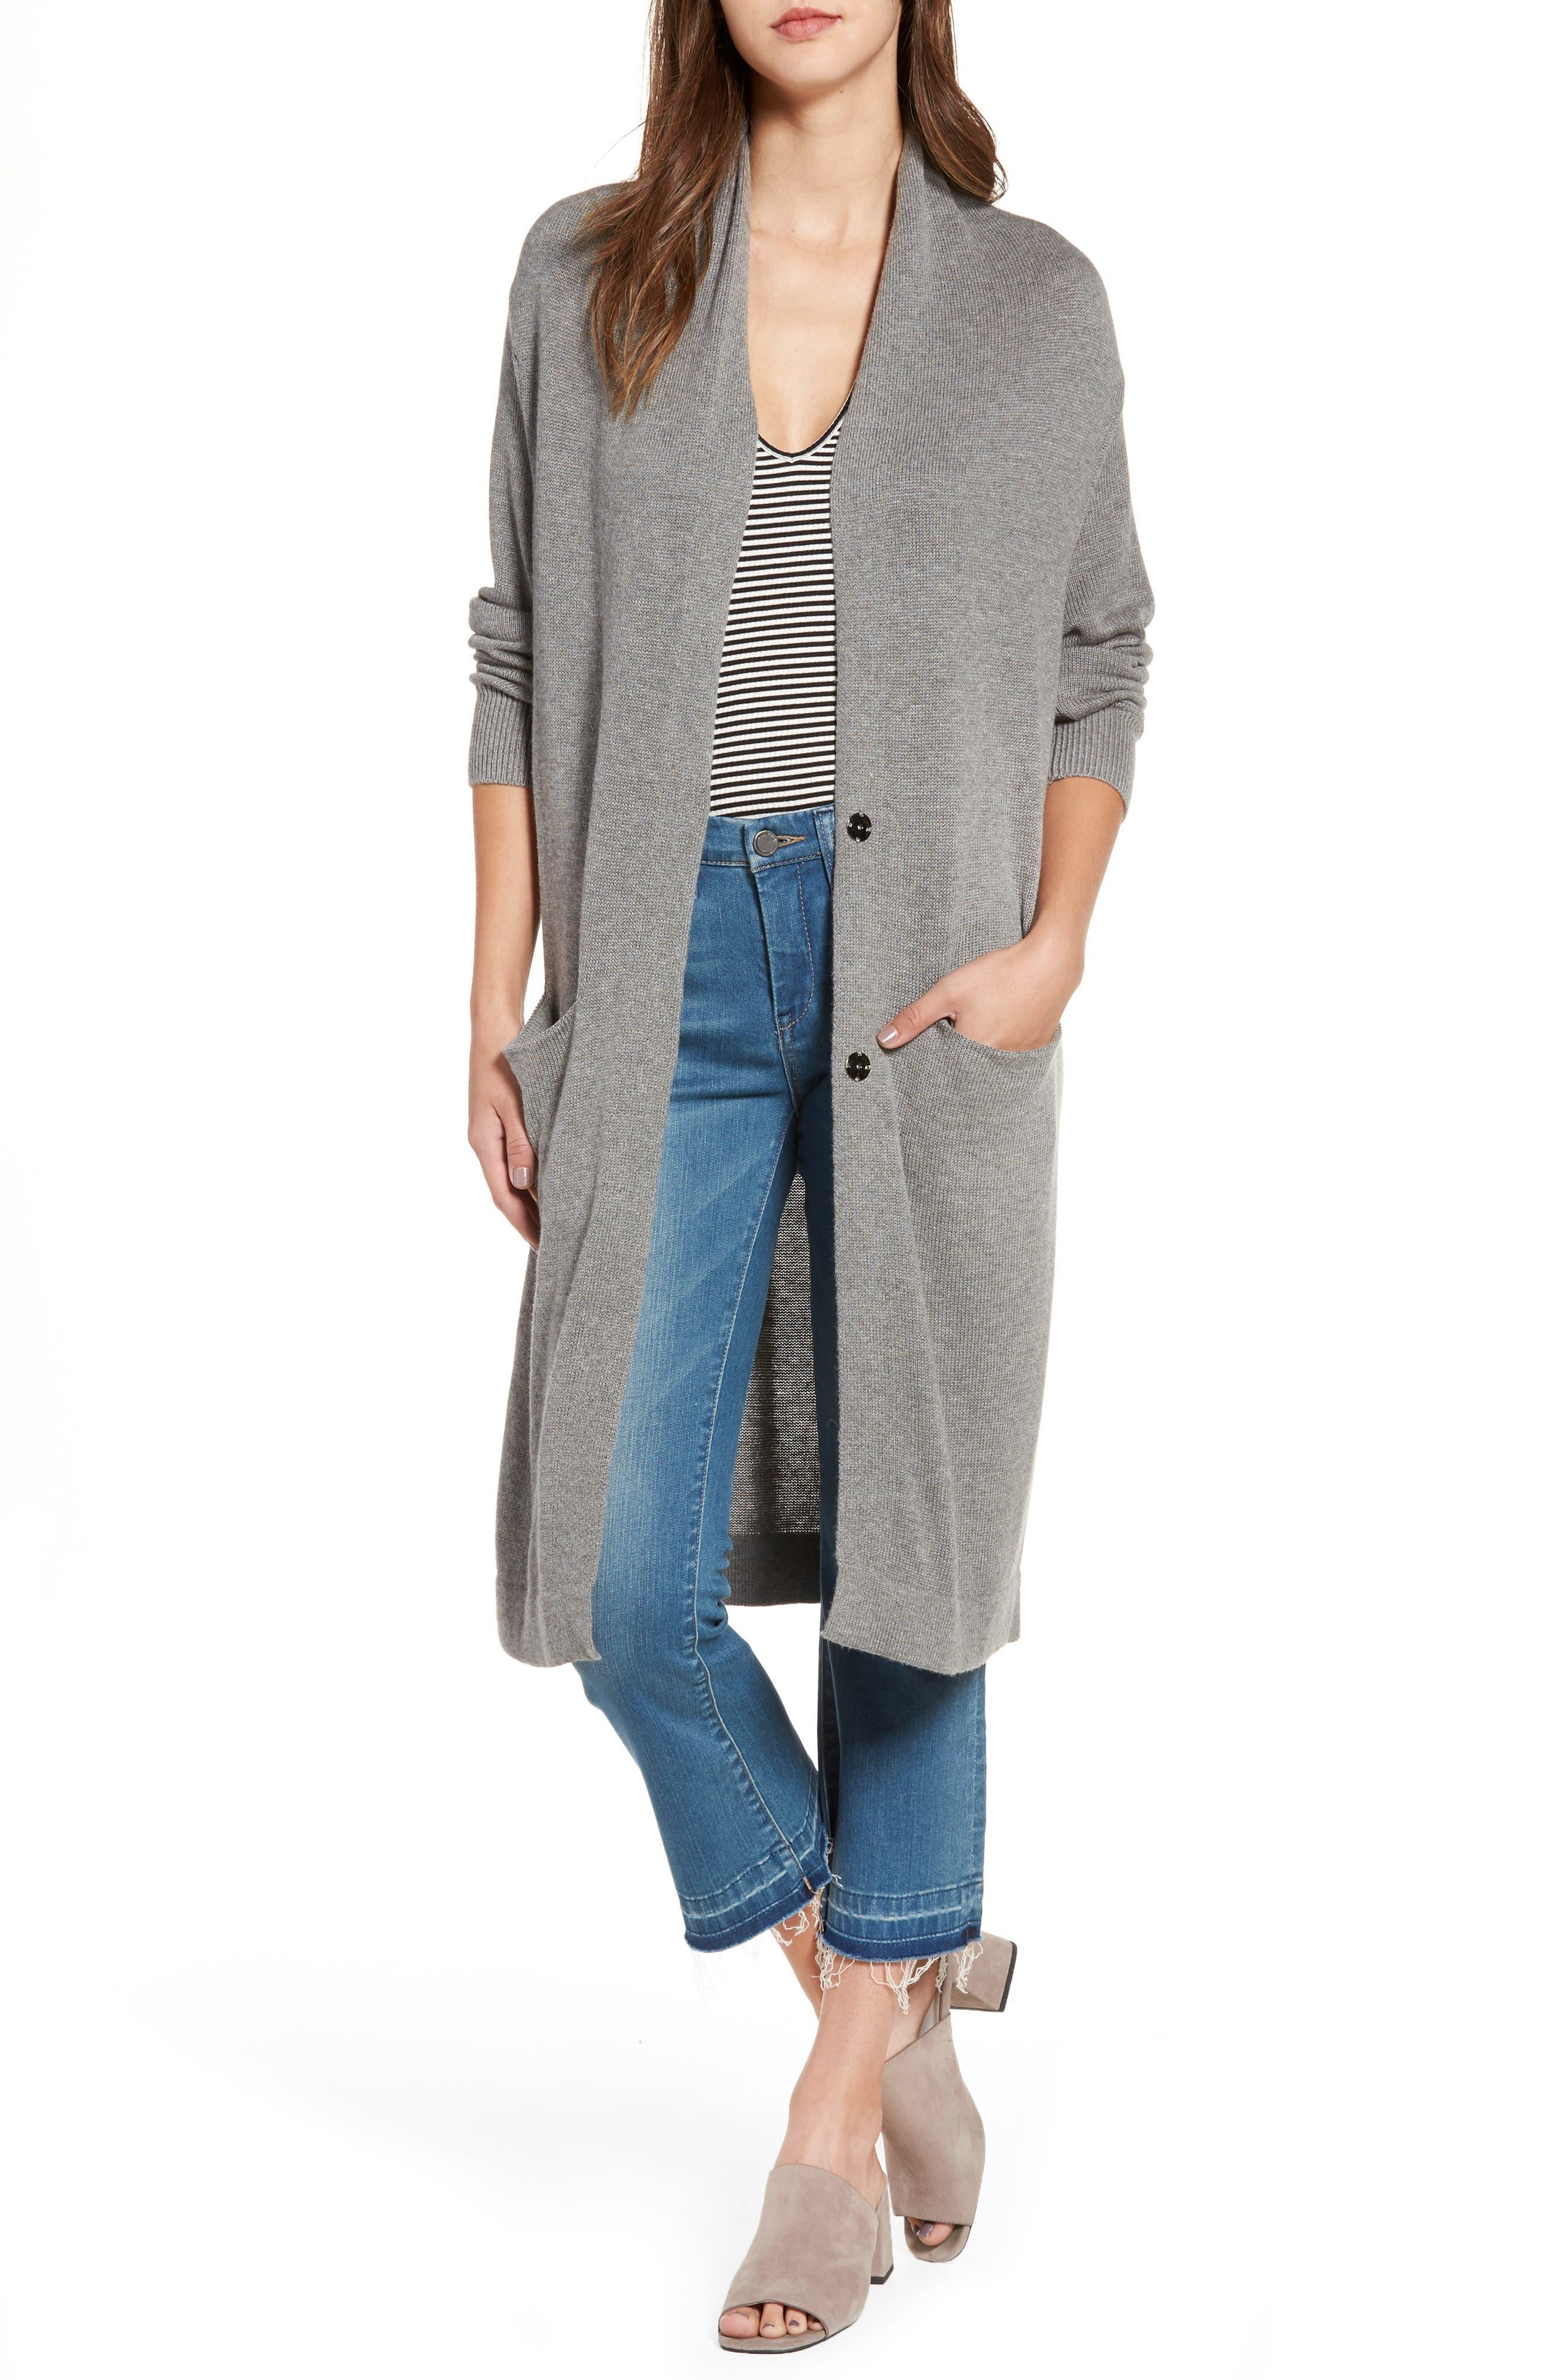 Shawl Collar Cardigan,                         Main,                         color, Grey Cloudy Hthr